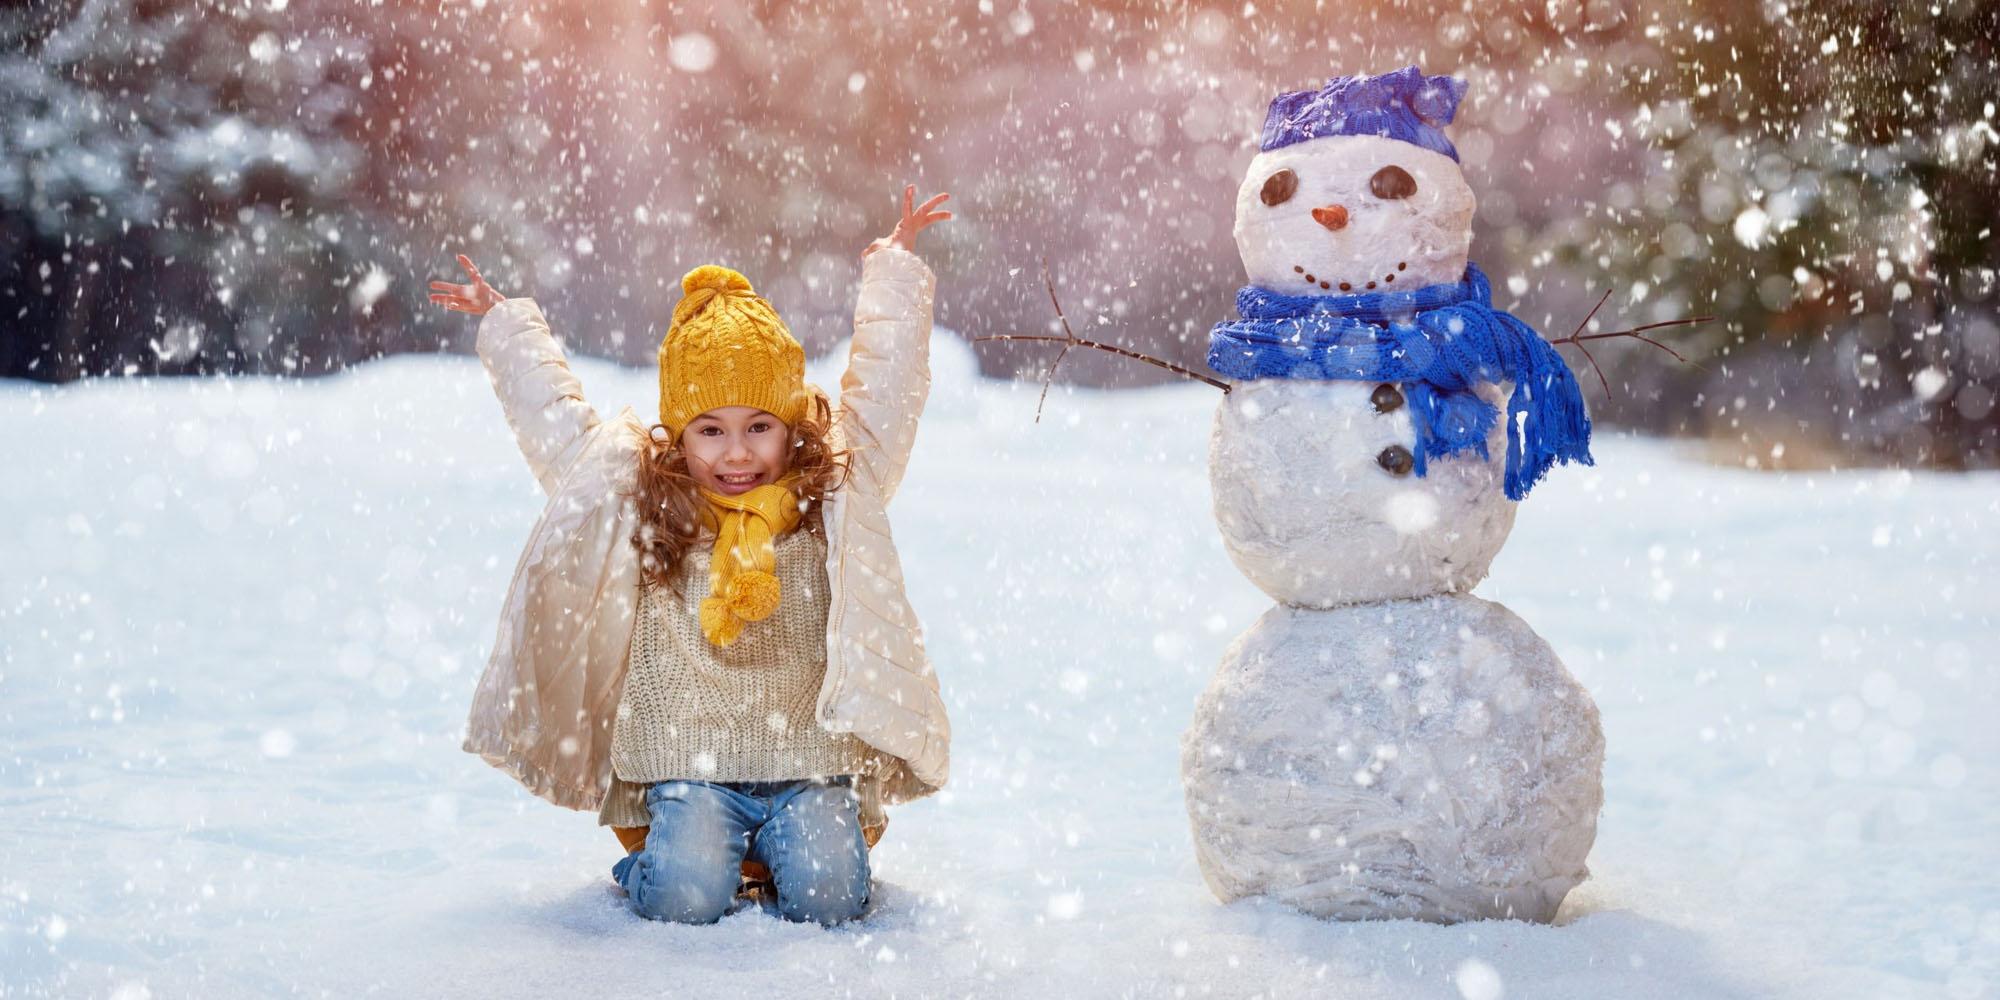 20 декабря — 20 января фотоконкурс «Зимняя сказка»